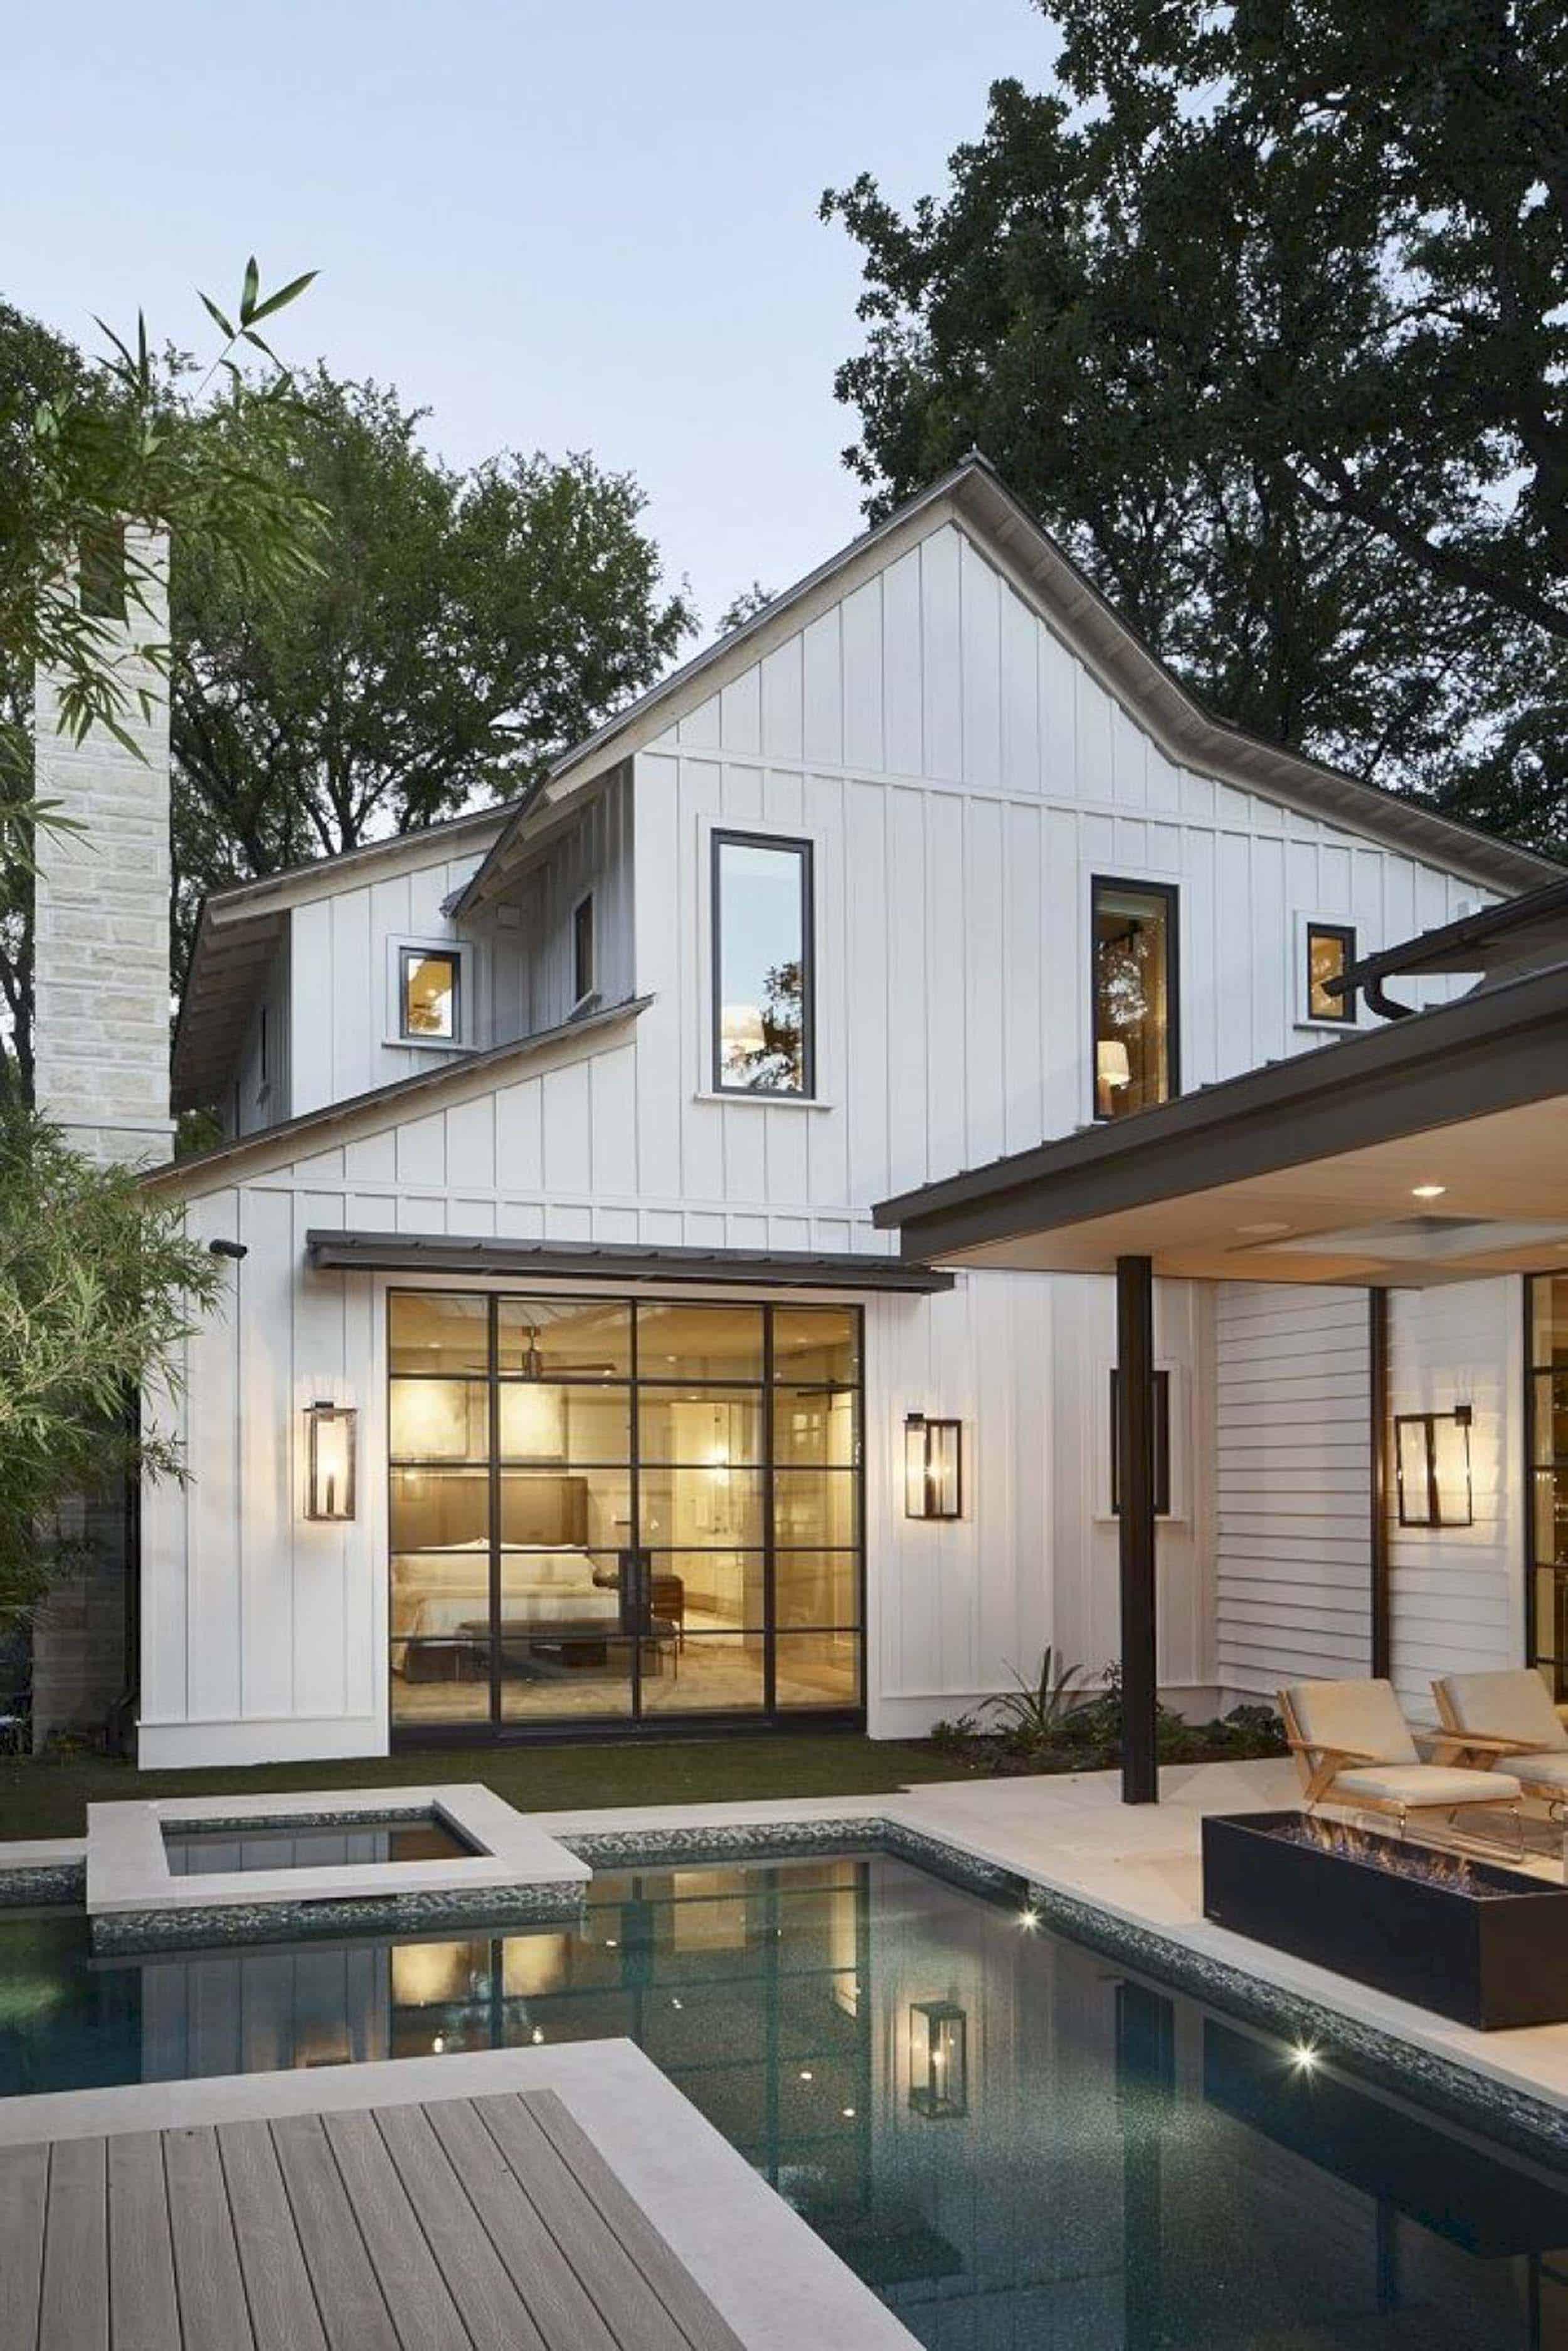 White Siding Home Exterior